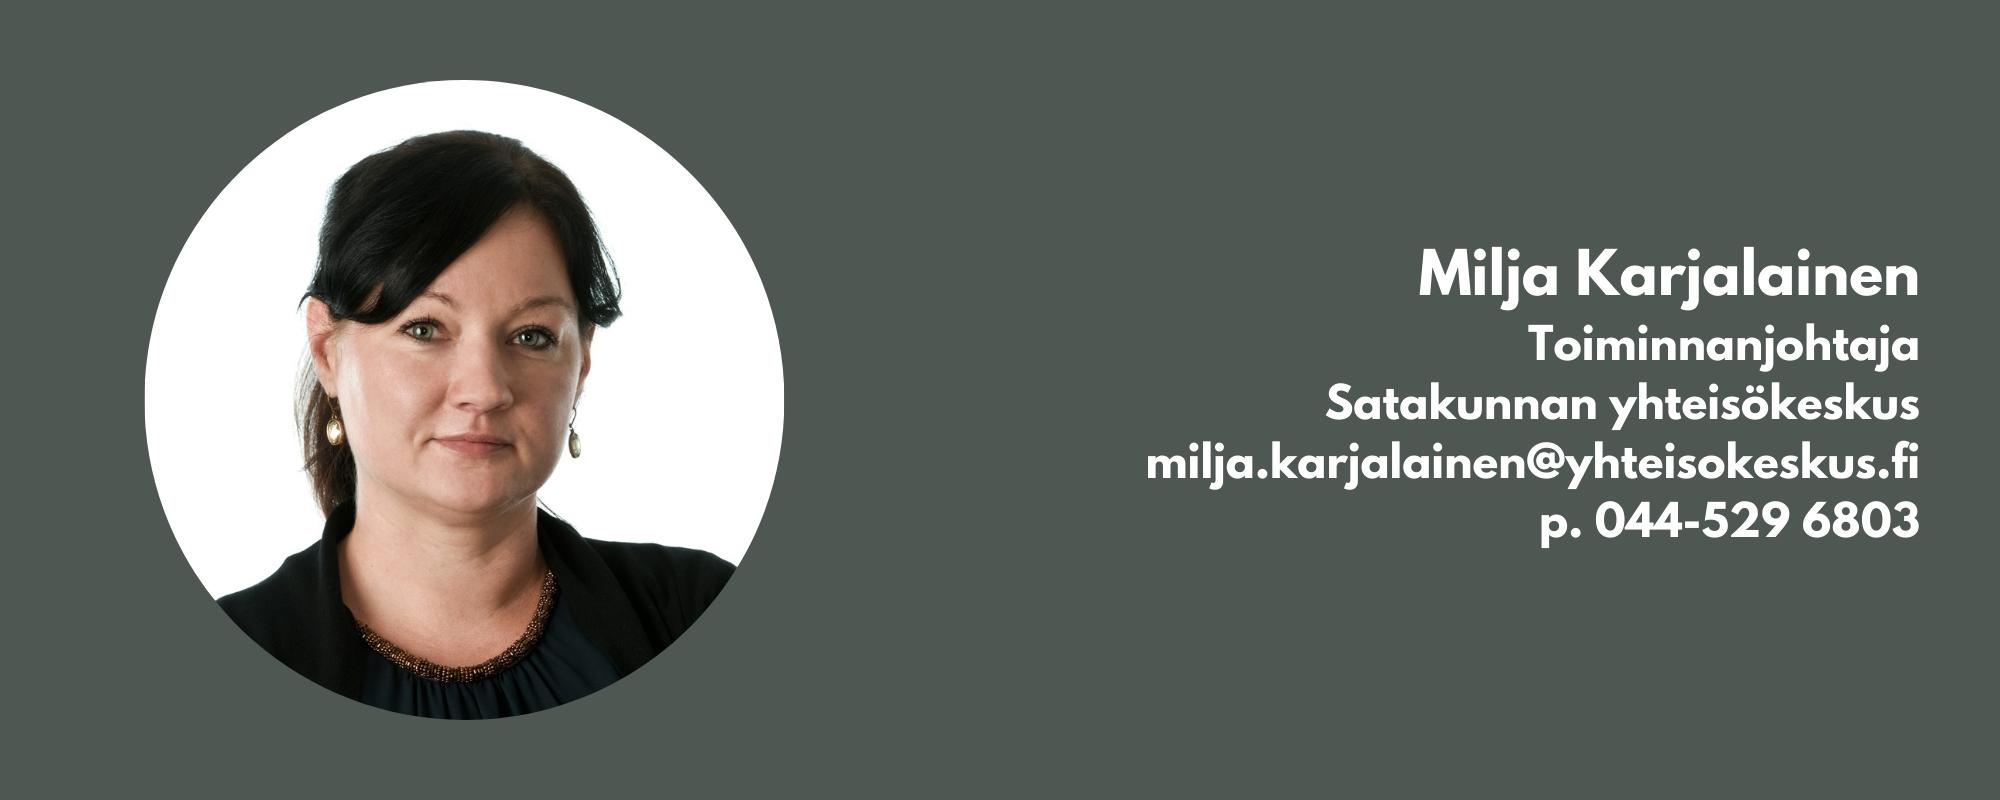 Milja Karjalainen